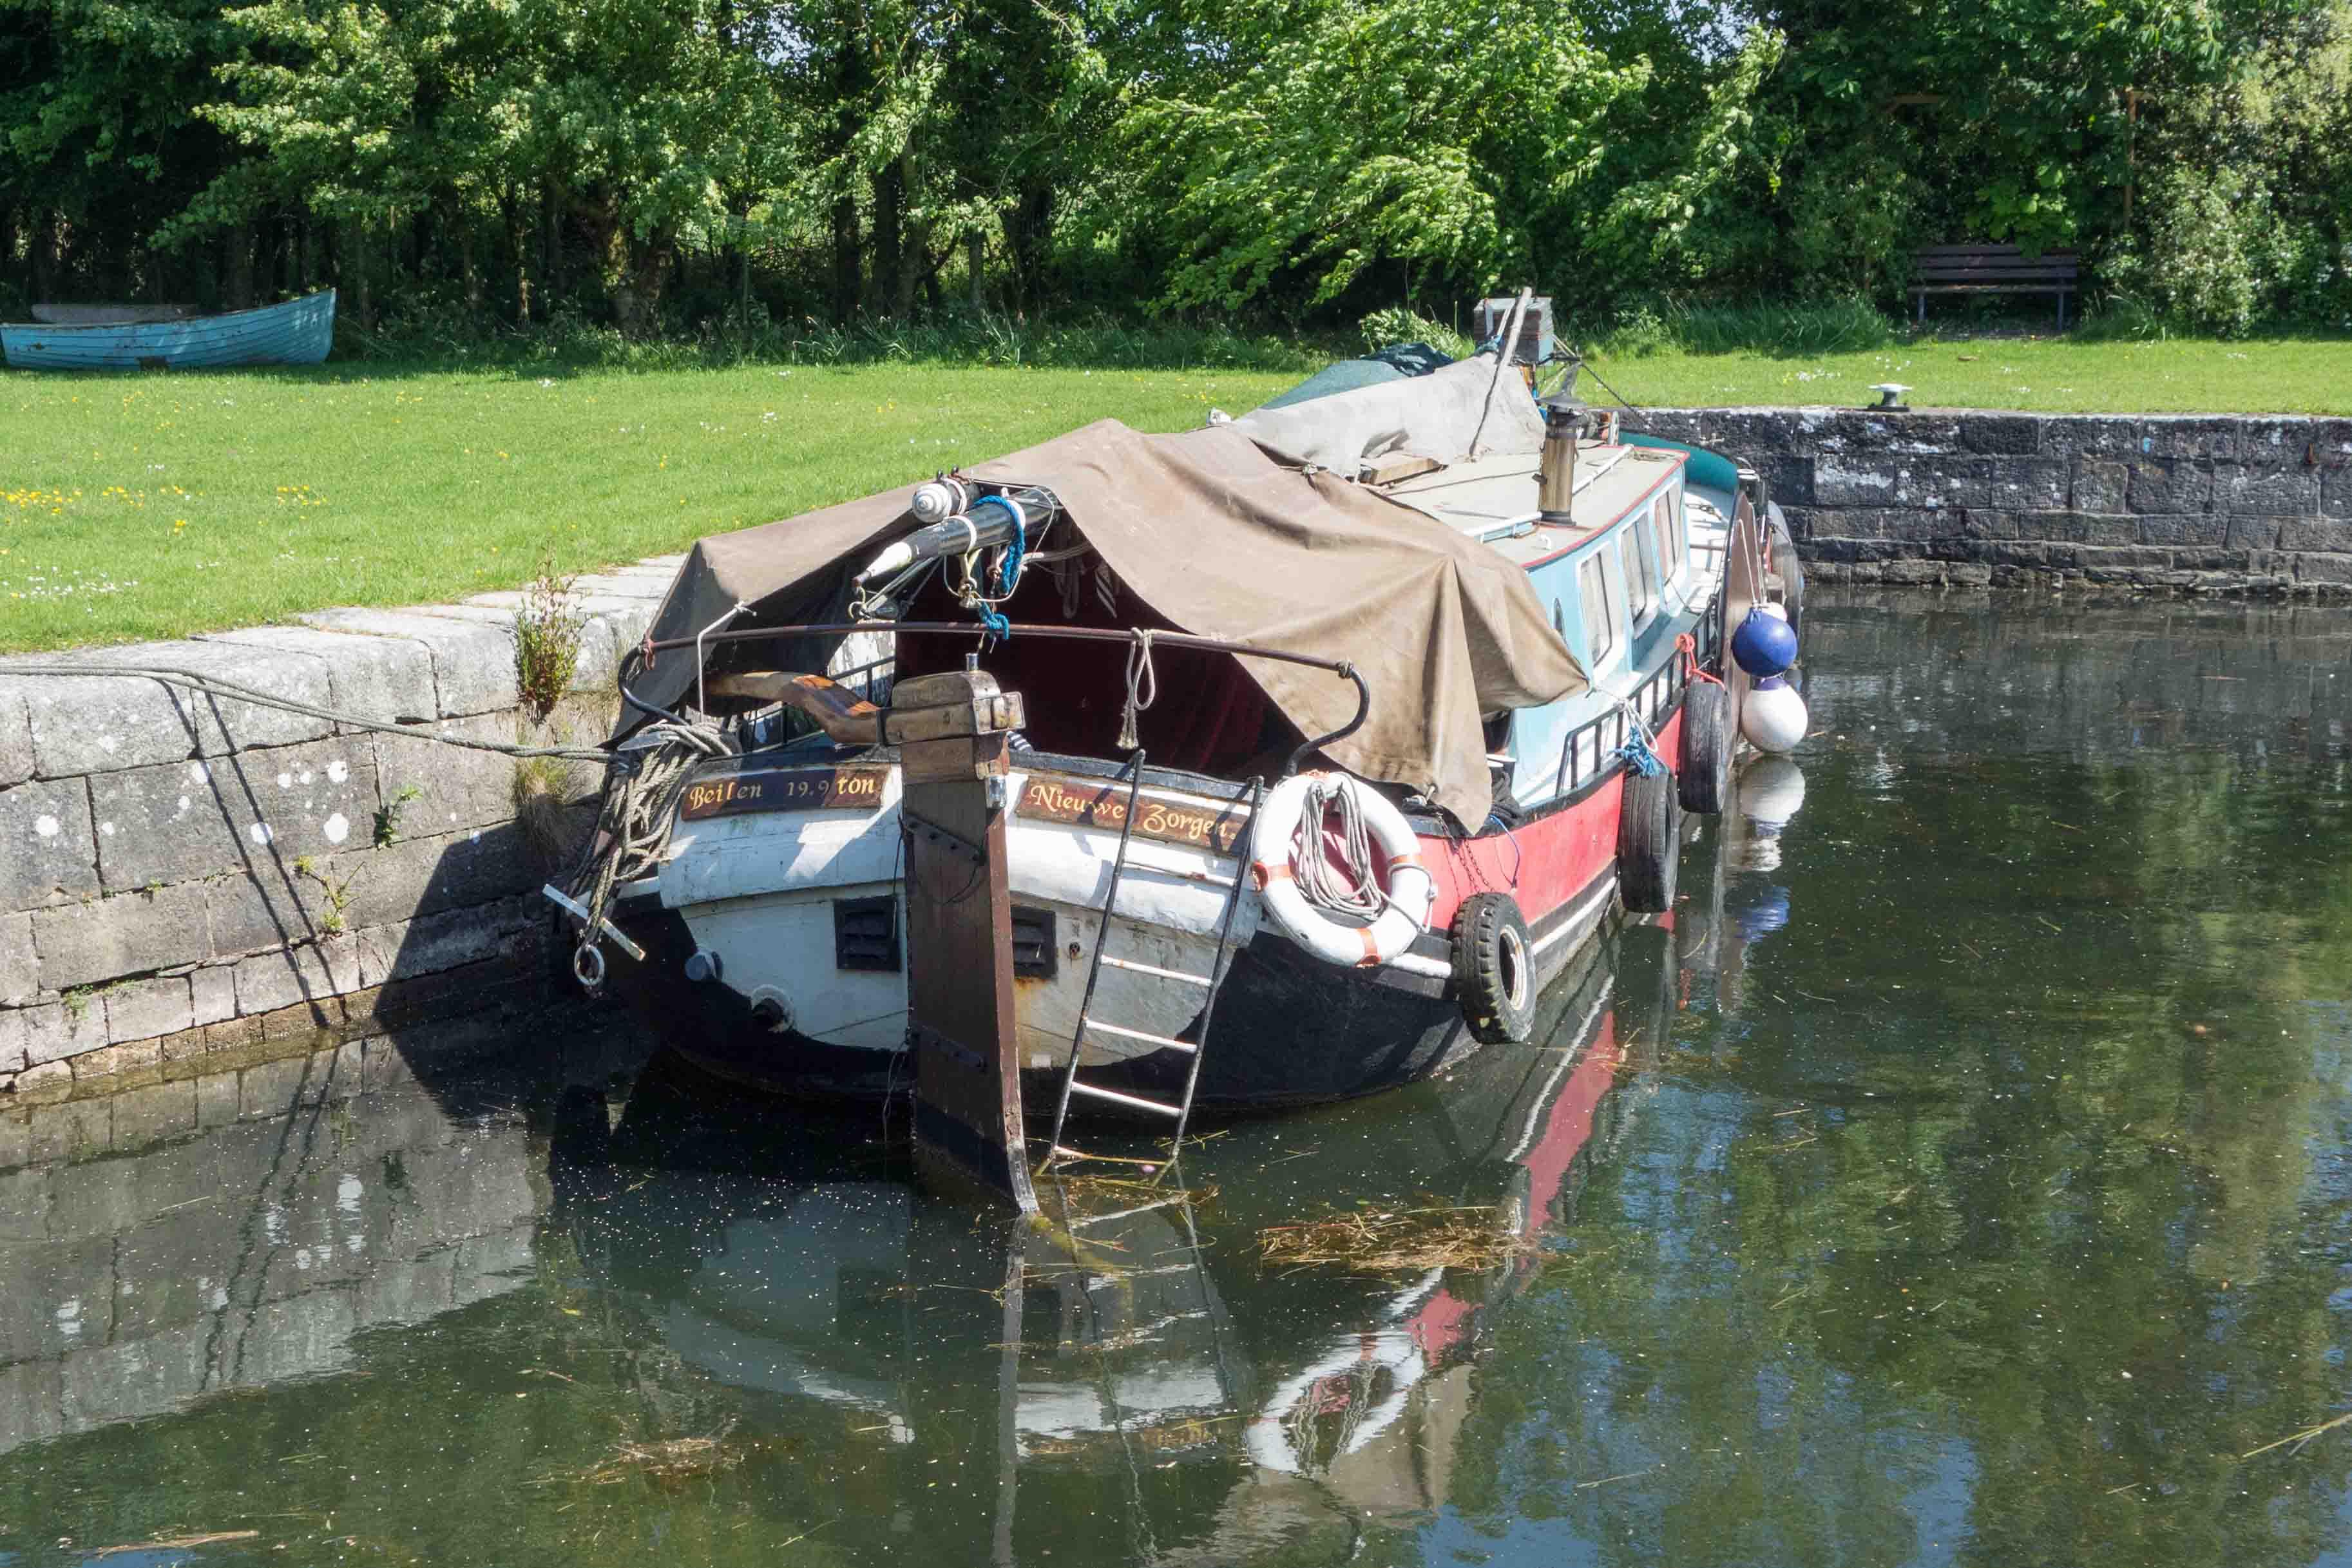 """Aangetroffen in het haventje van Coolnahay: de Nieuwe Zorgen uit Beilen. Zouden de zorgen zijn """" hoe krijg ik dit schip ooit weer hier vandaan?"""" Foto auteur."""